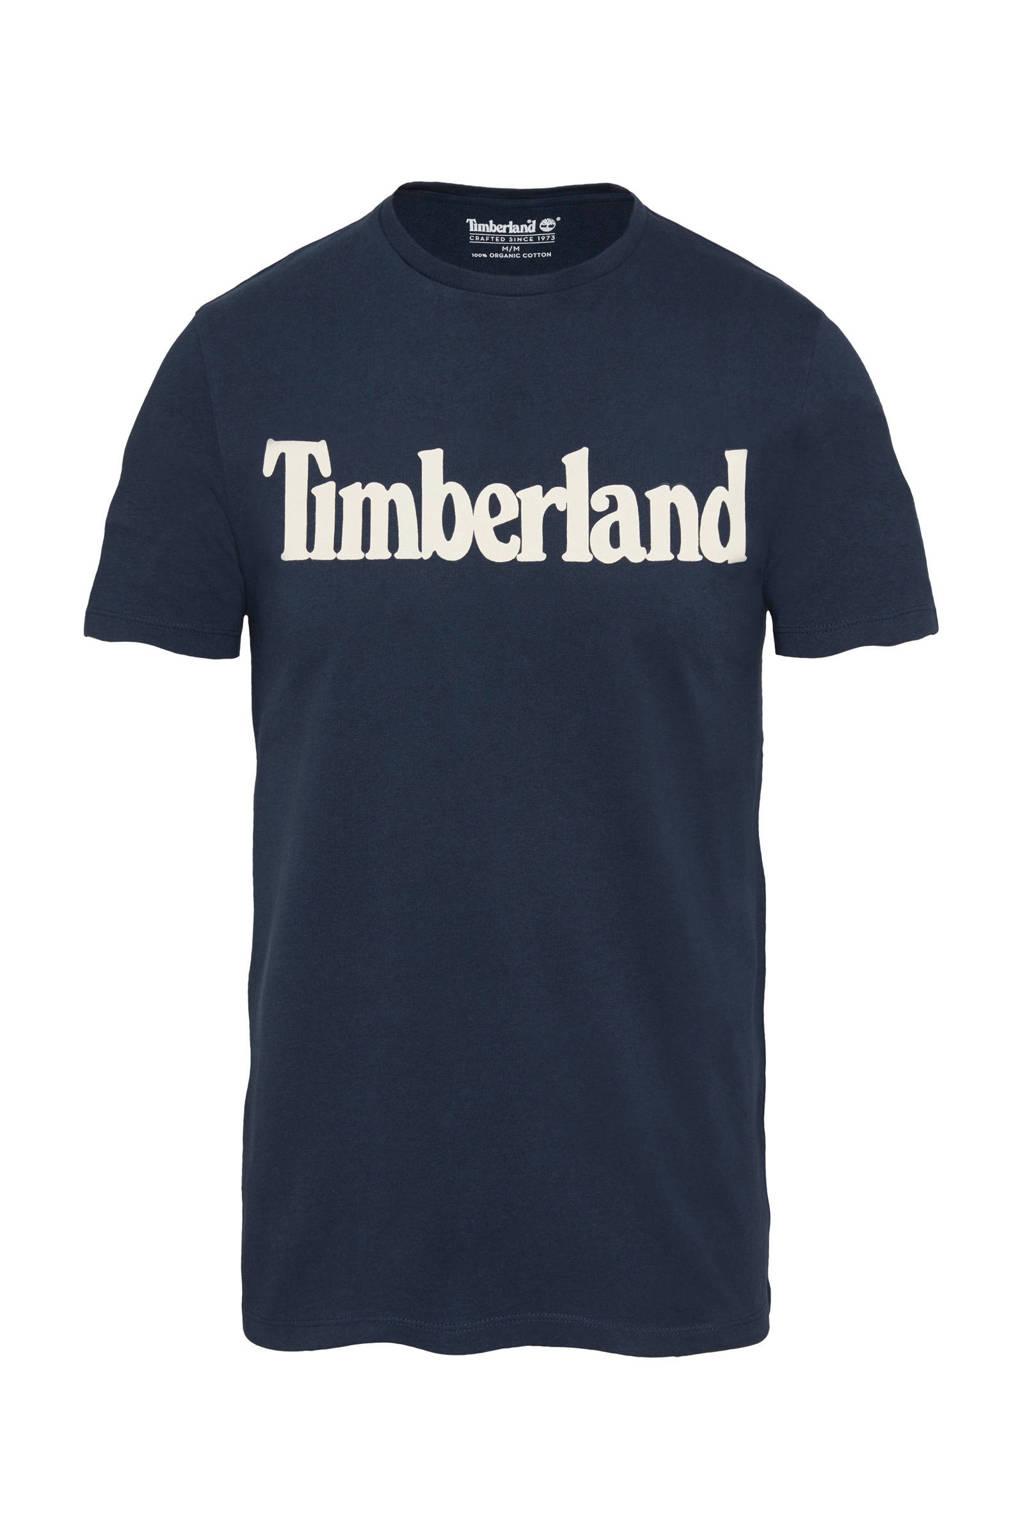 Timberland T-shirt met print donkerblauw, Donkerblauw